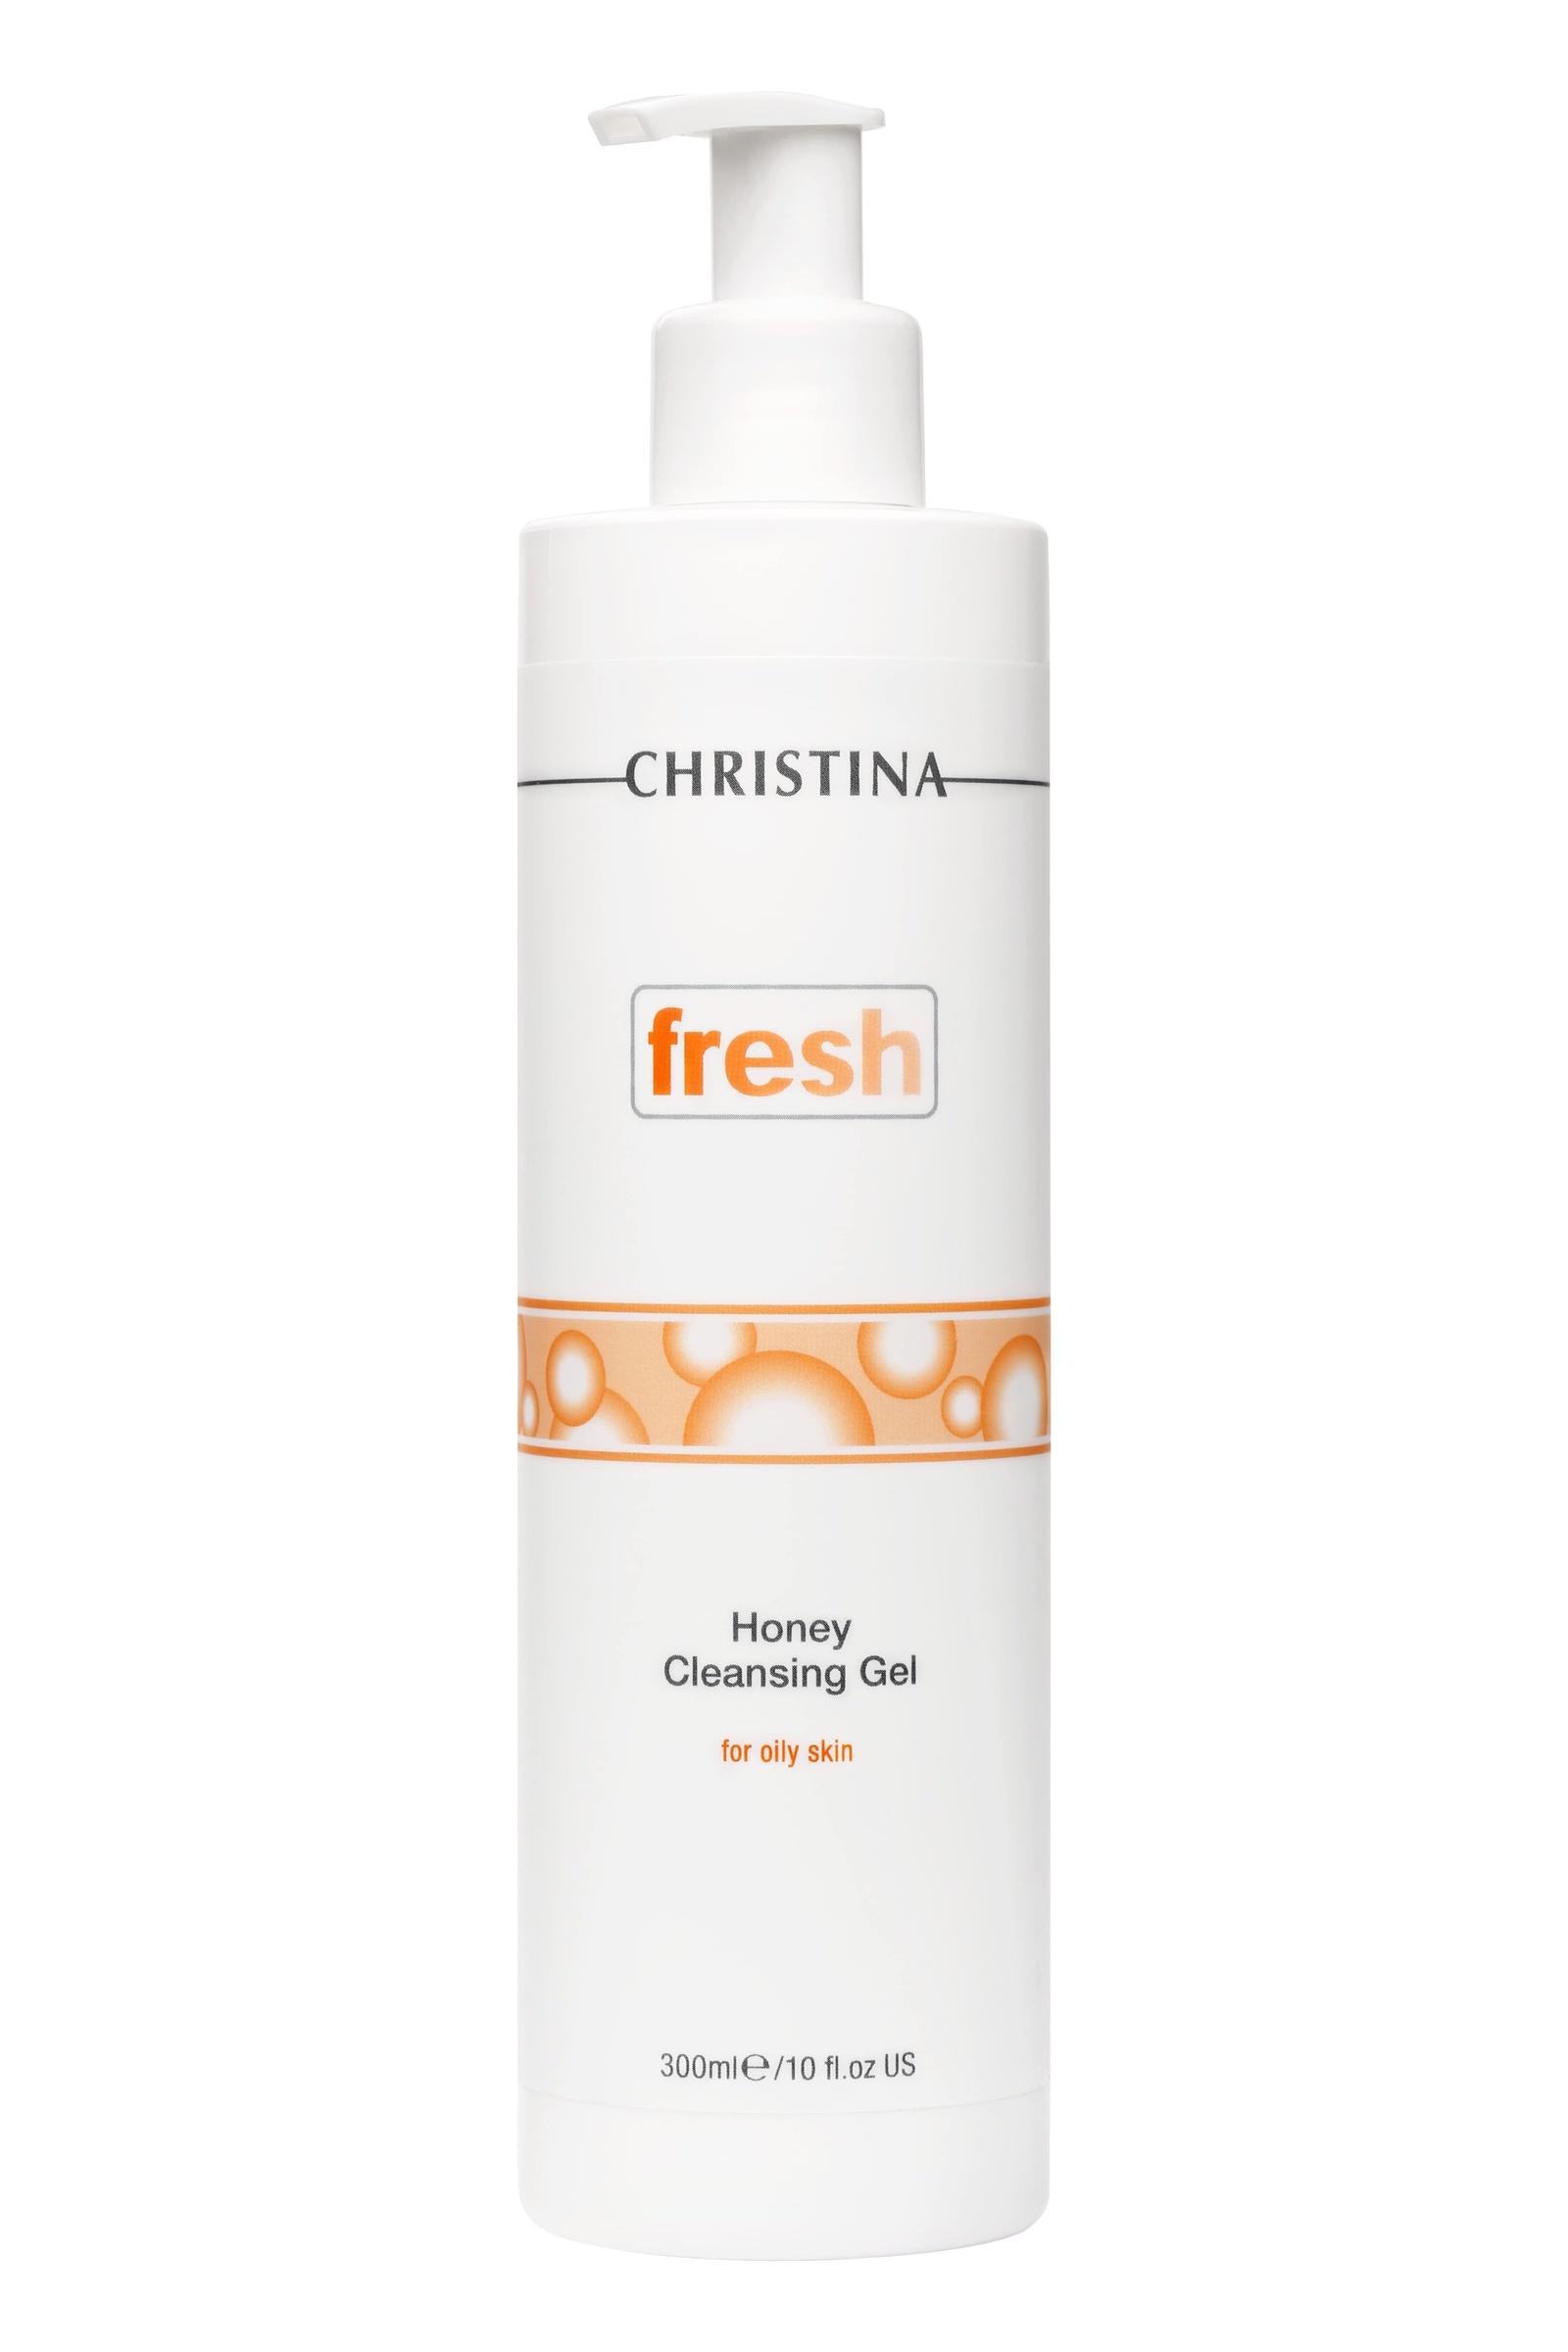 Гель для умывания CHRISTINA Медовый очищающий гель для жирной кожи Fresh Honey Cleansing Gel for oily skin все цены